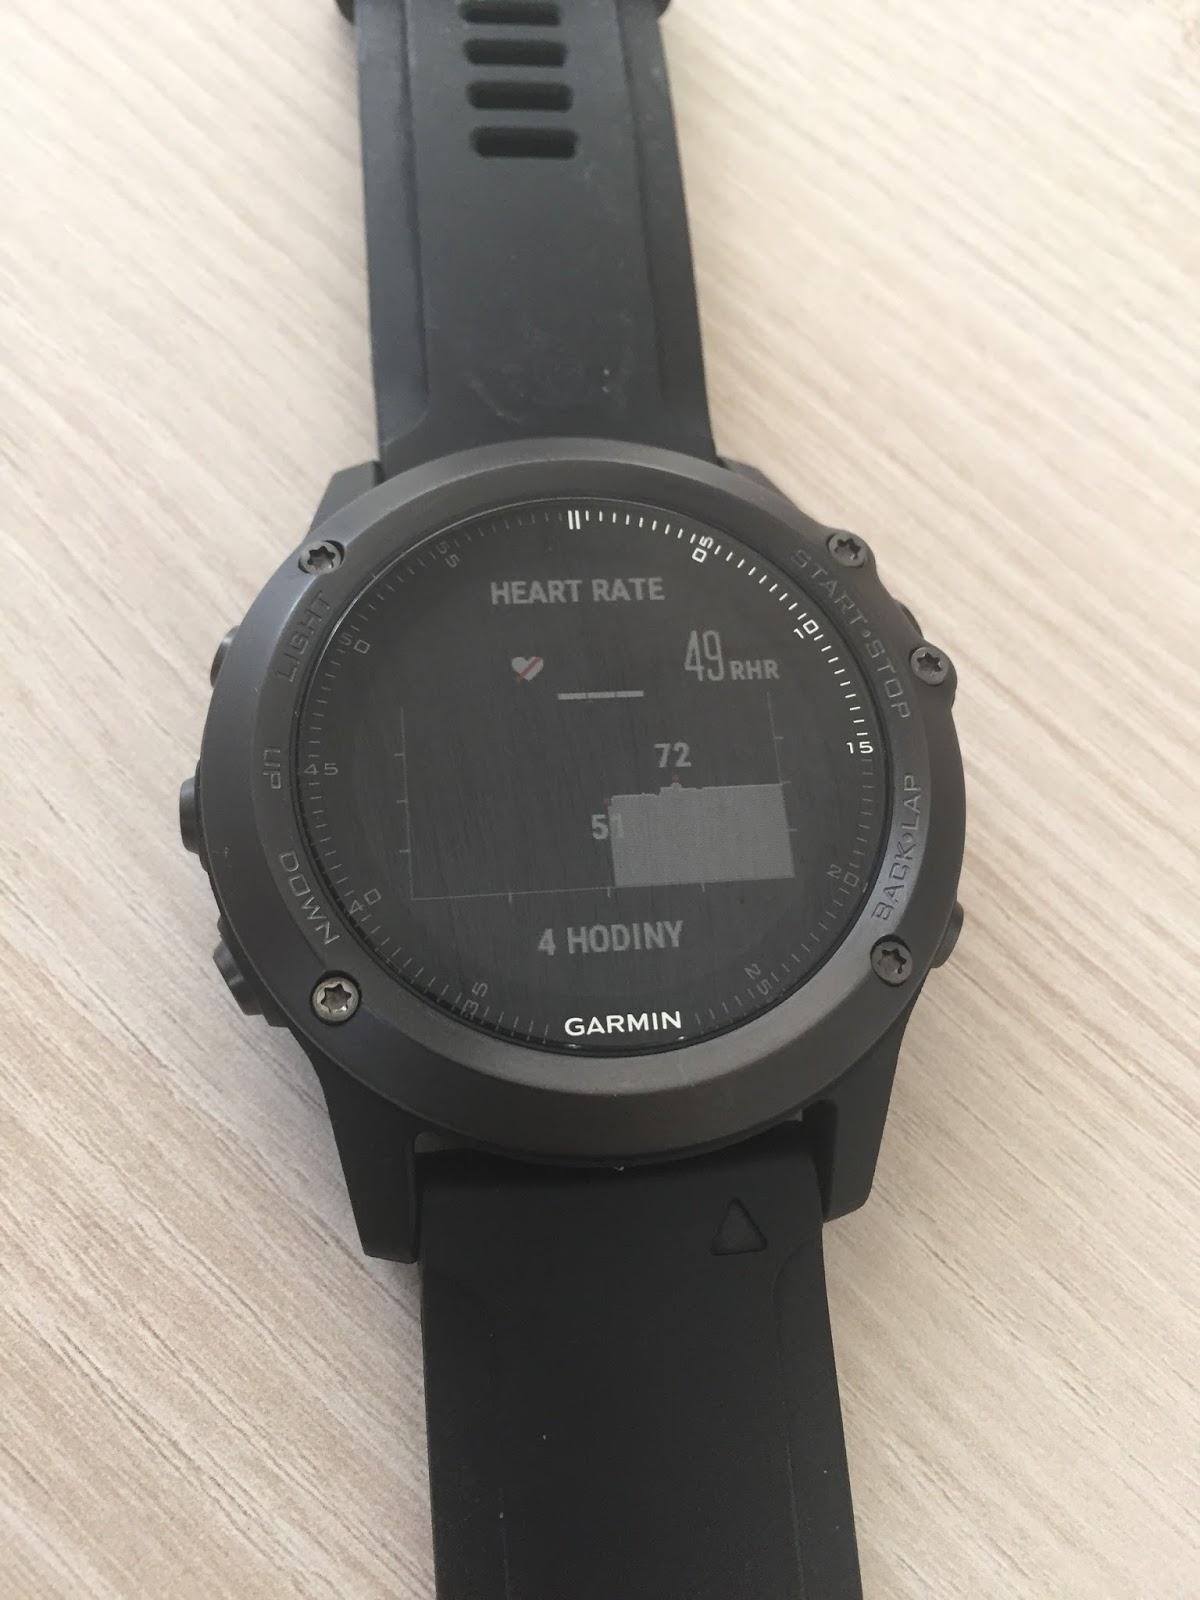 0c06626c7 Pokud pomineme modely, které jsou změněny jen díky použitým materiálům  (verze Titanium), zůstane nám exemplář s označením Garmin Fenix 3 HR ...